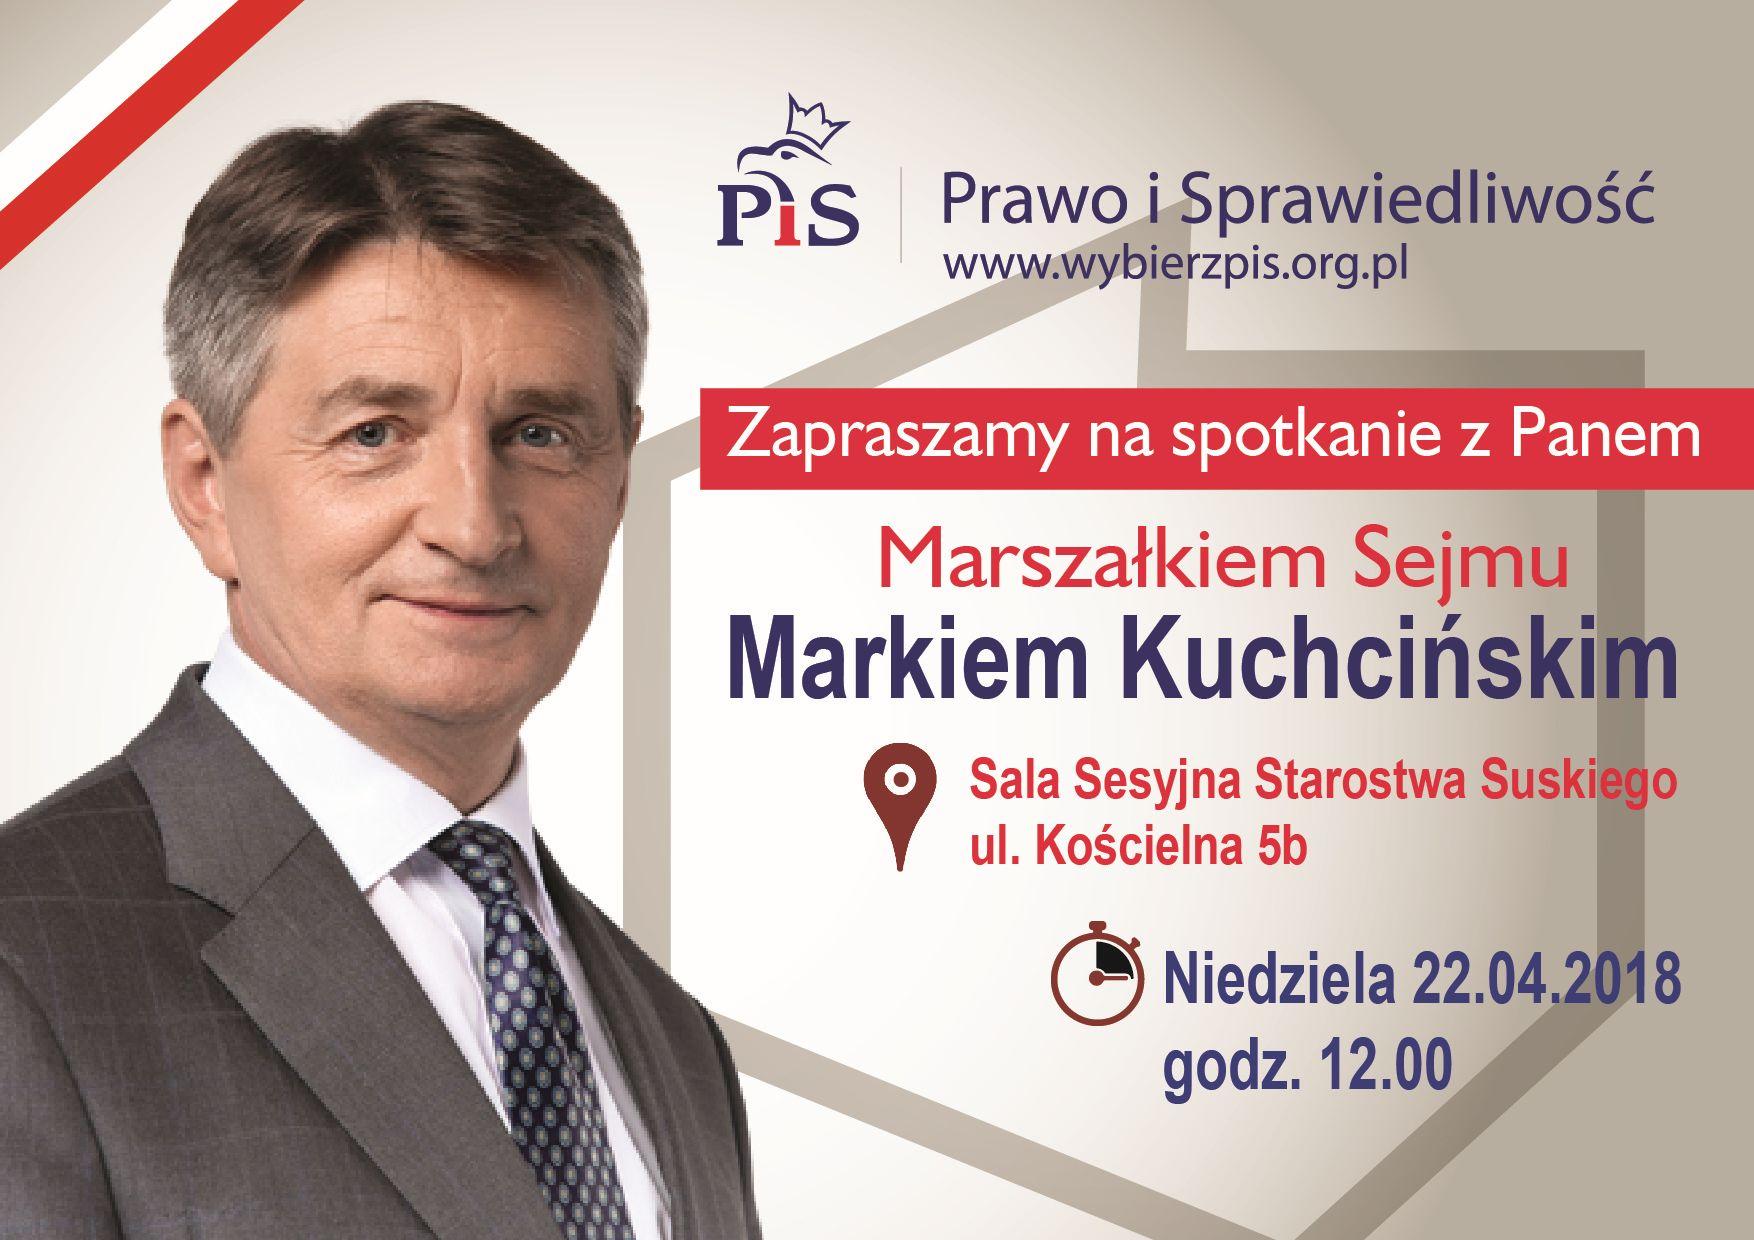 PiS rusza z przedwyborczą ofensywą, pierwsze spotkanie w niedzielę